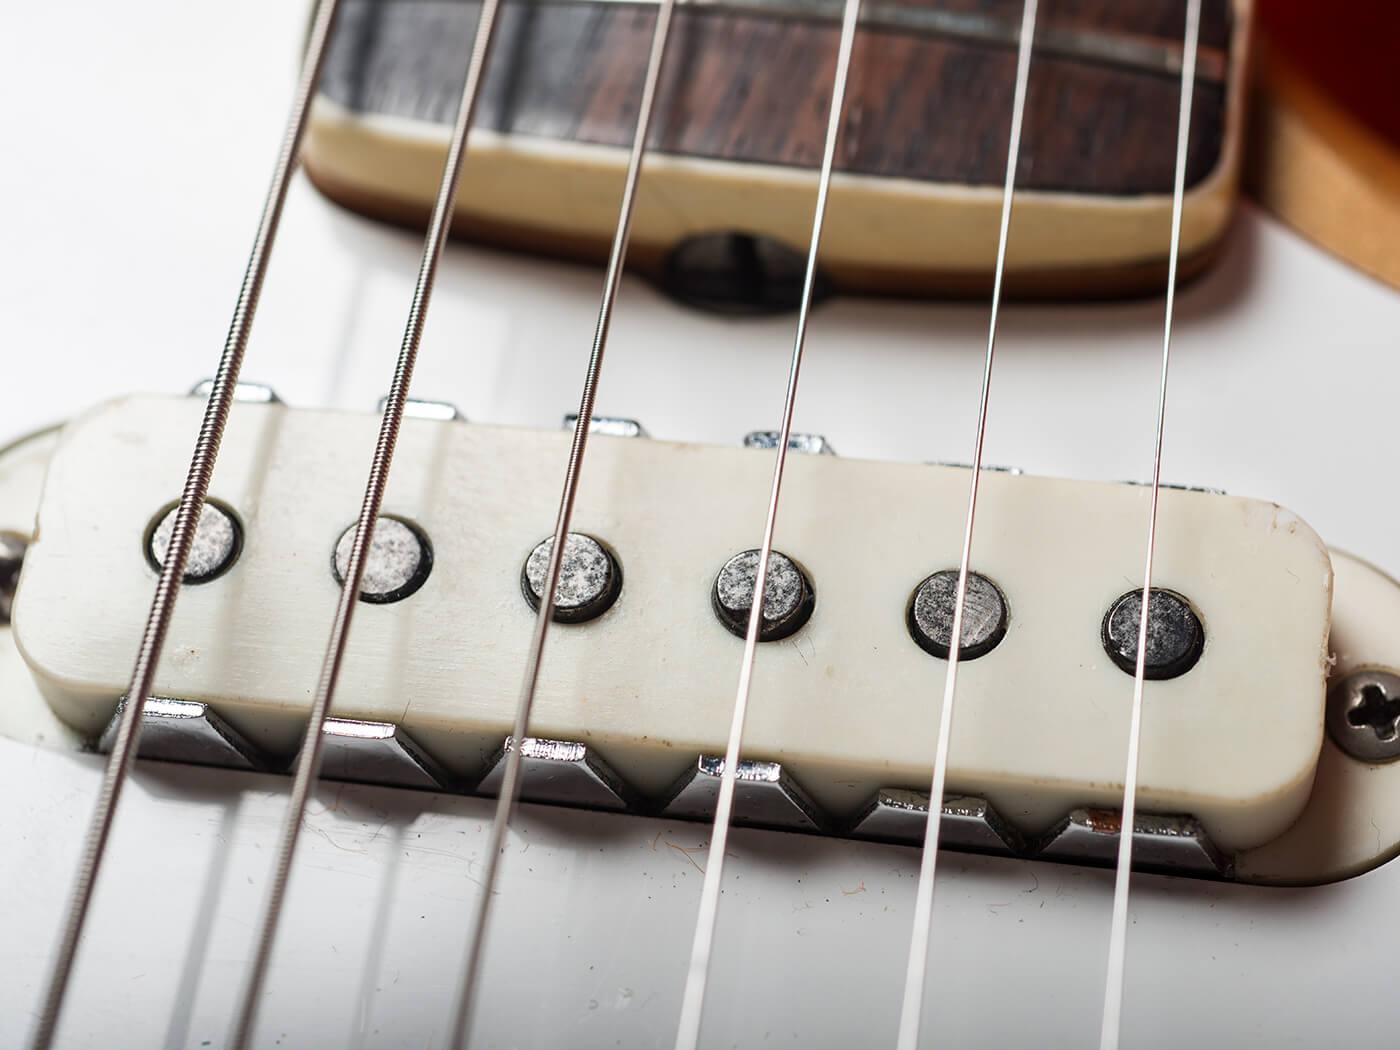 1966 Fender Jaguar Neck Pickup